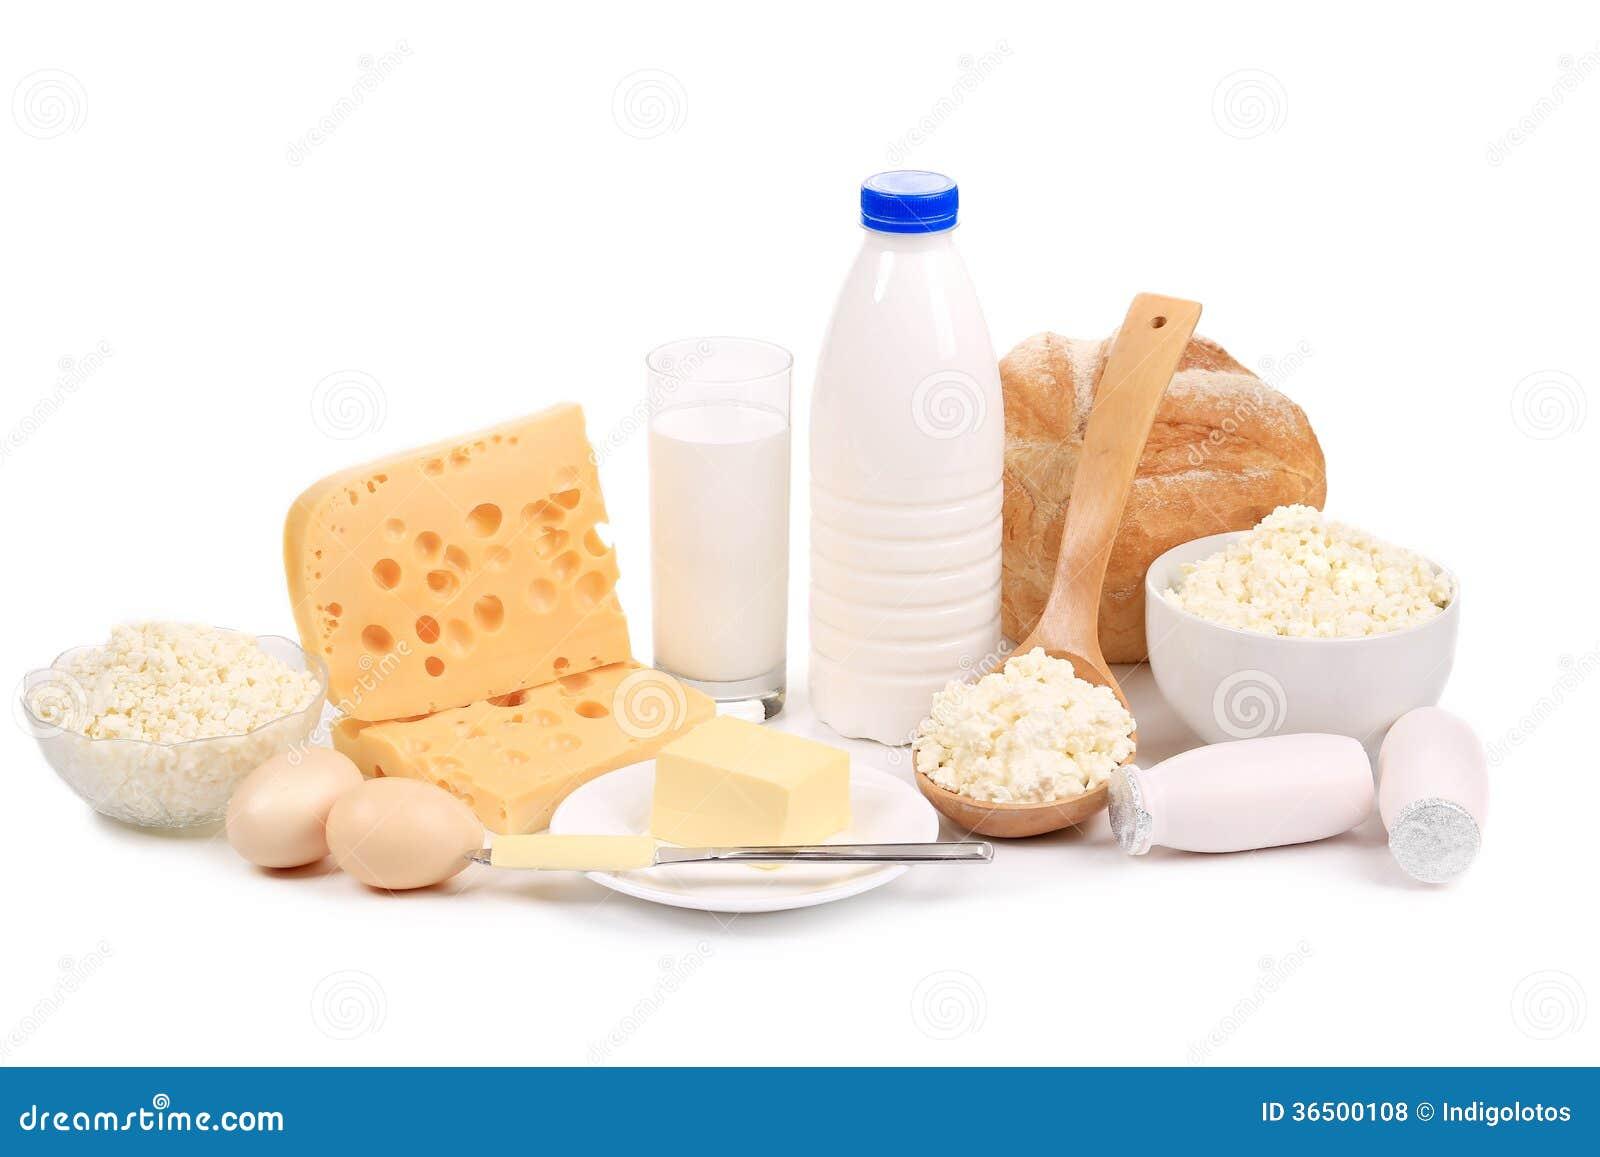 Composição saudável do café da manhã.